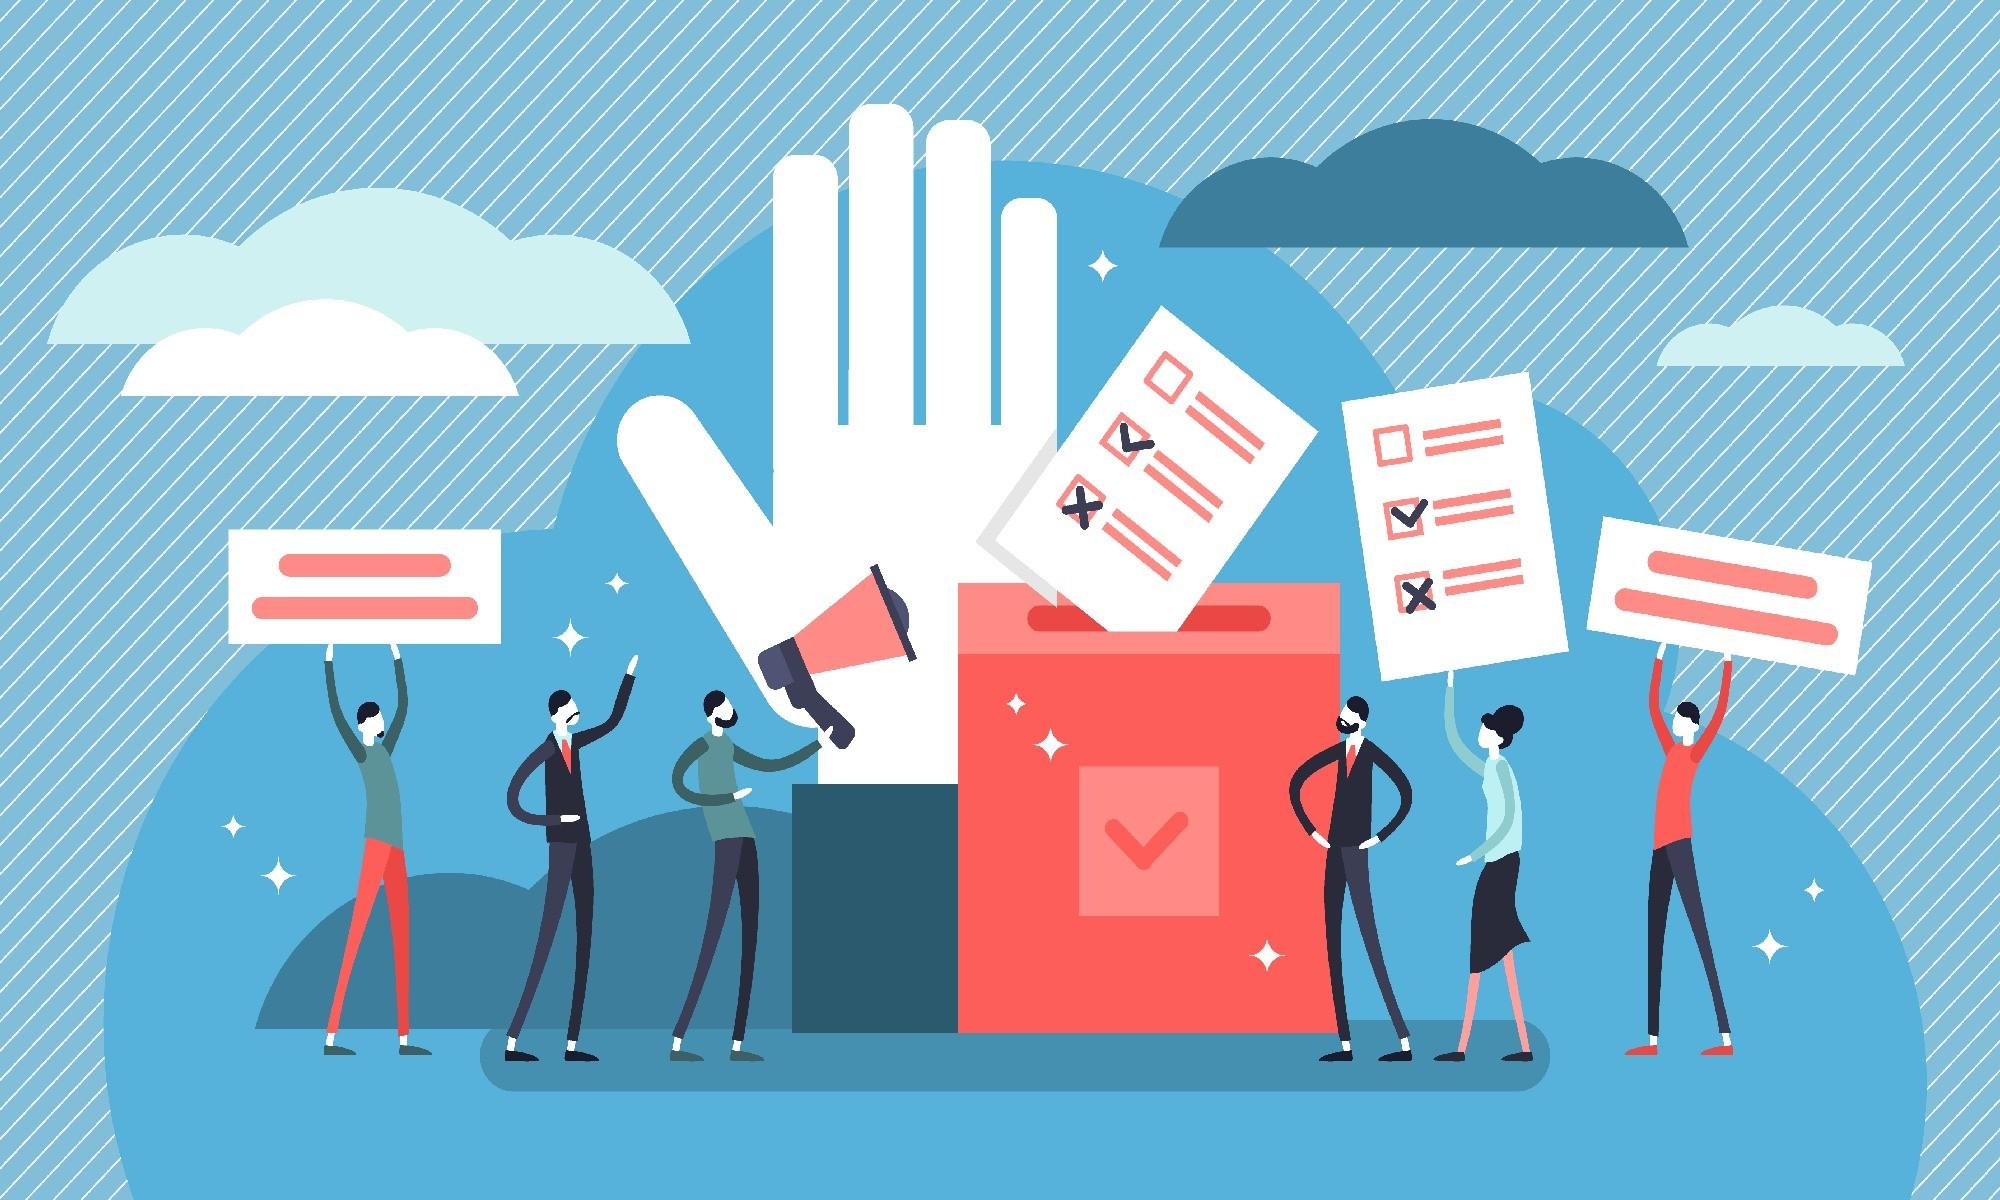 Les élections consulaires auront lieu les 29 et 30 mai 2021